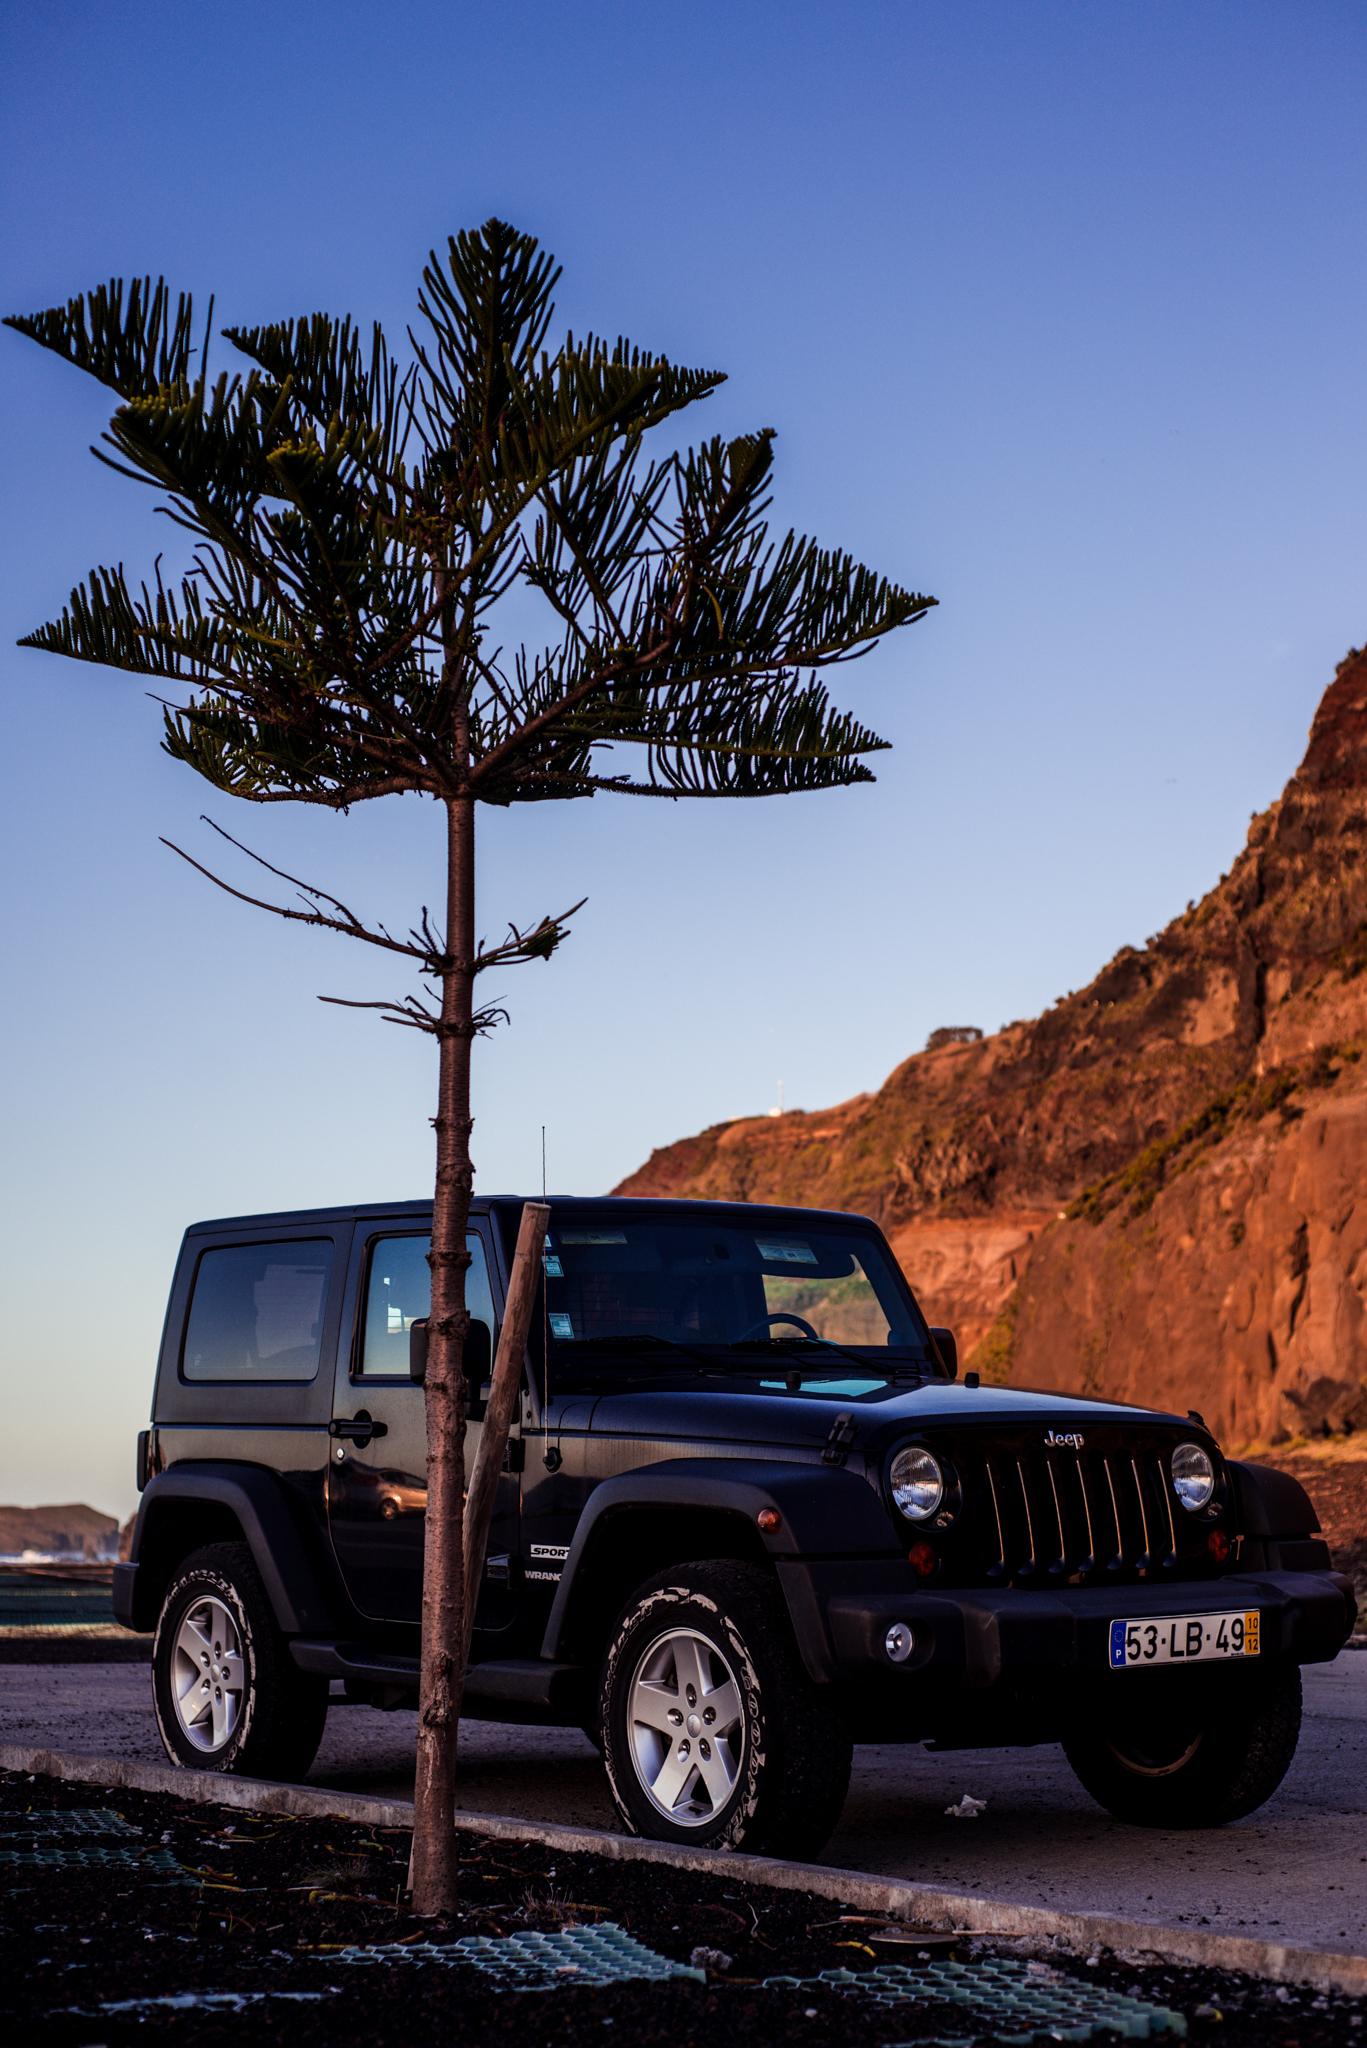 Jeep Ferraria-nál. Fotó: Dobó Diána